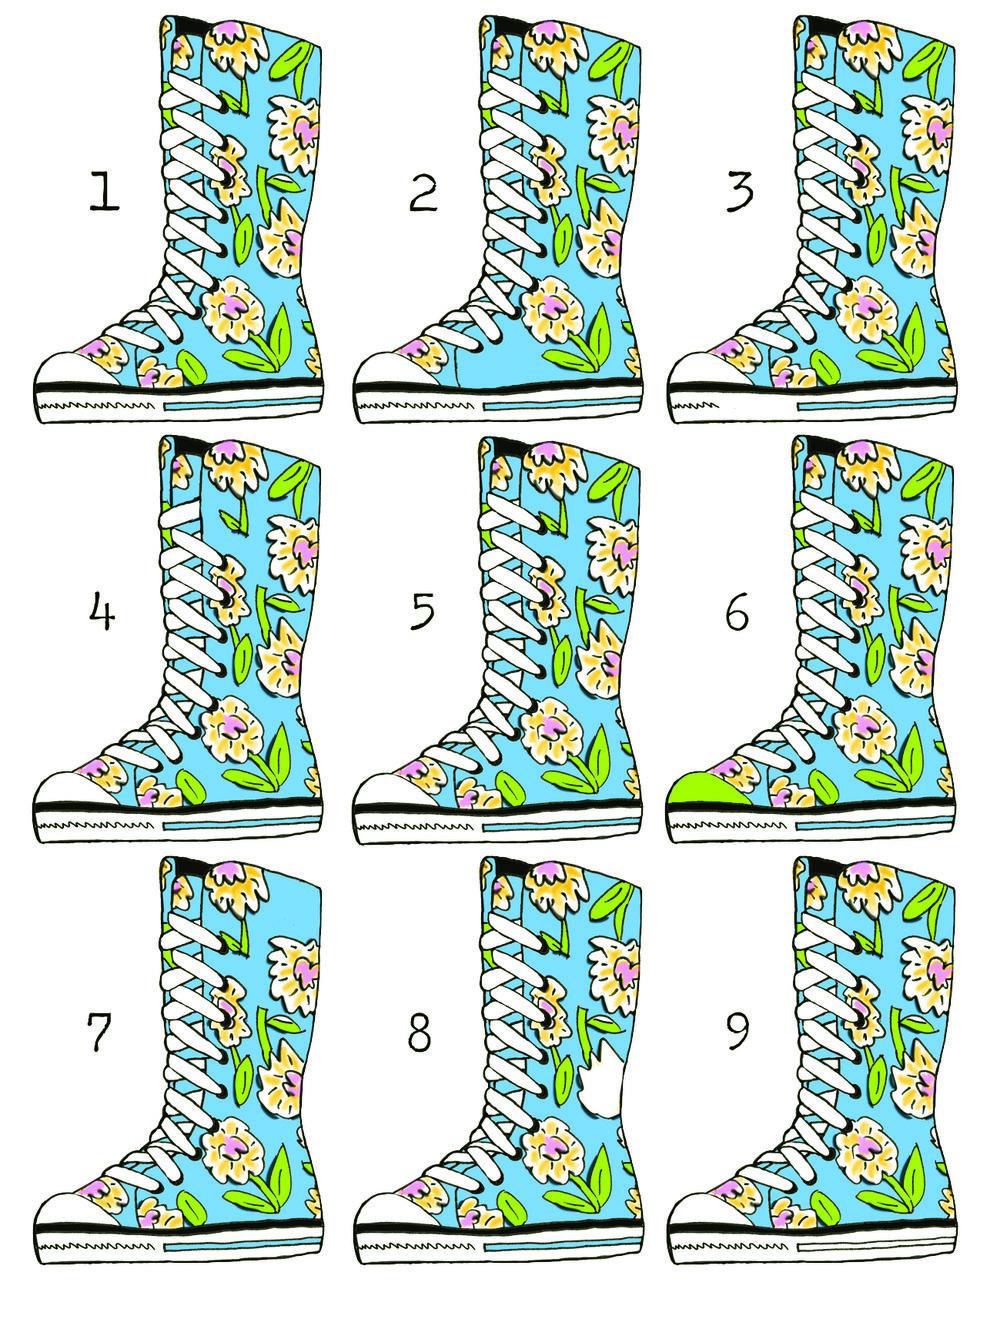 12_Koppelen - Laars (1=5).jpg